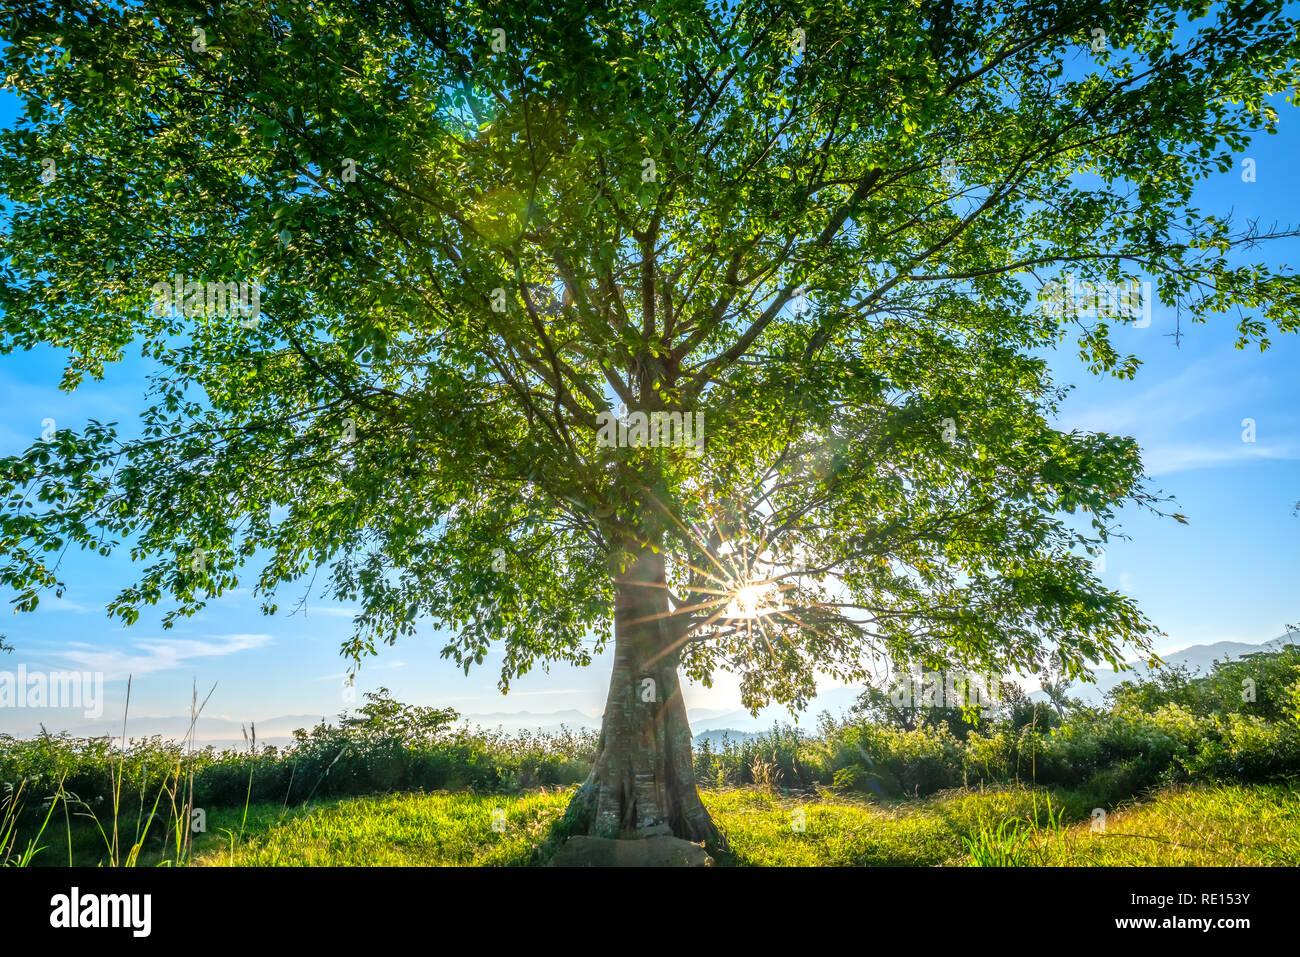 El viejo árbol bodhi es en el momento de la transformación de las hojas en el invierno, cuando el sol brilla a través del árbol para dar la bienvenida al nuevo día en las tierras altas de Vietnam Foto de stock